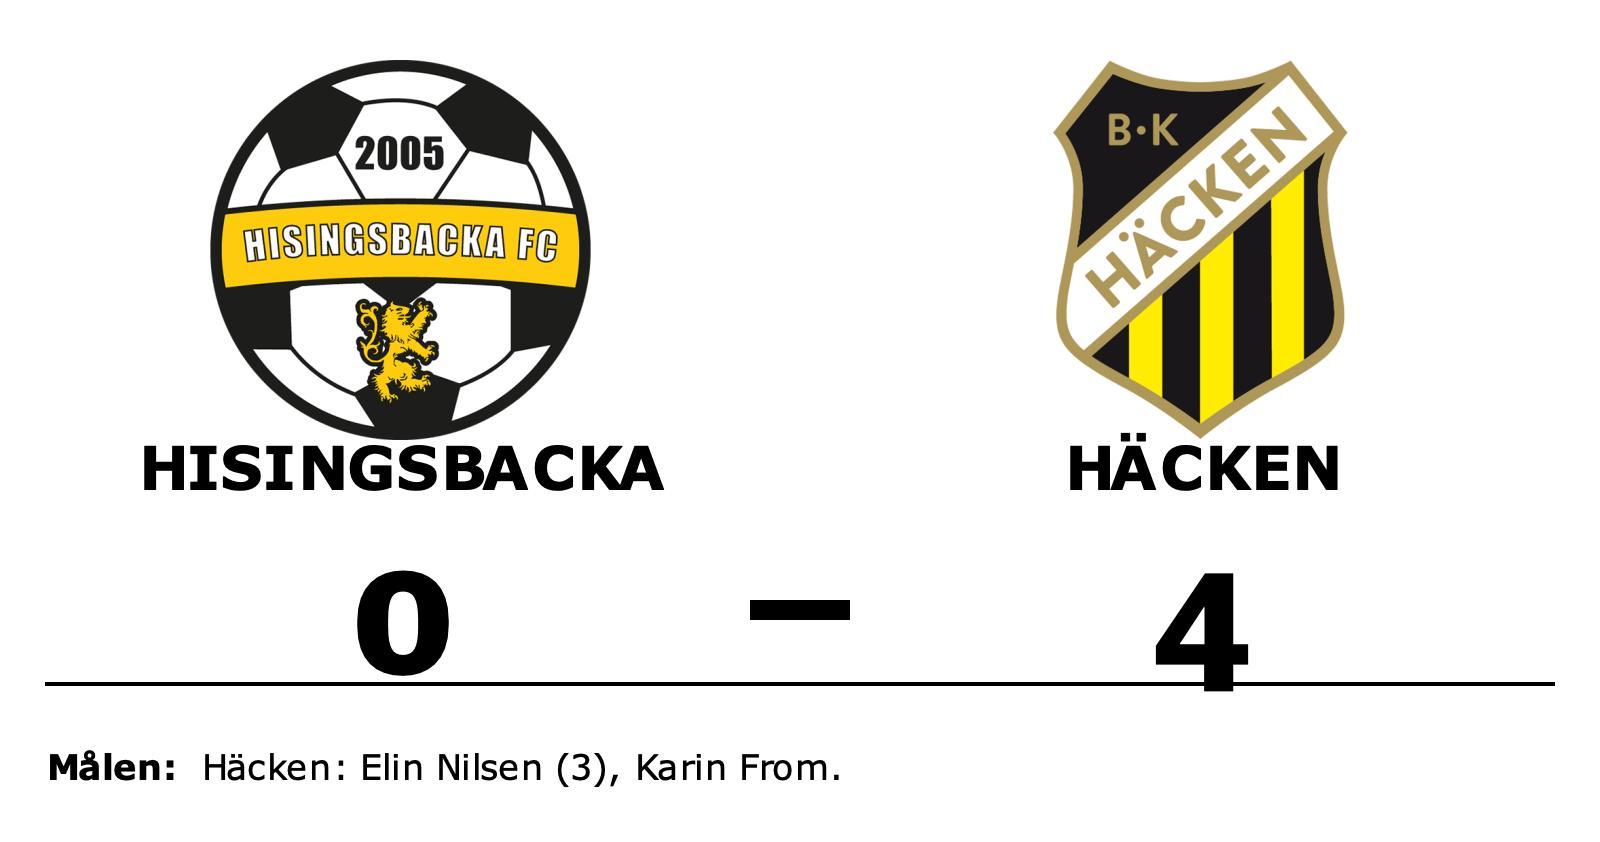 Elin Nilsen fixade segern för Häcken i matchen mot Hisingsbacka